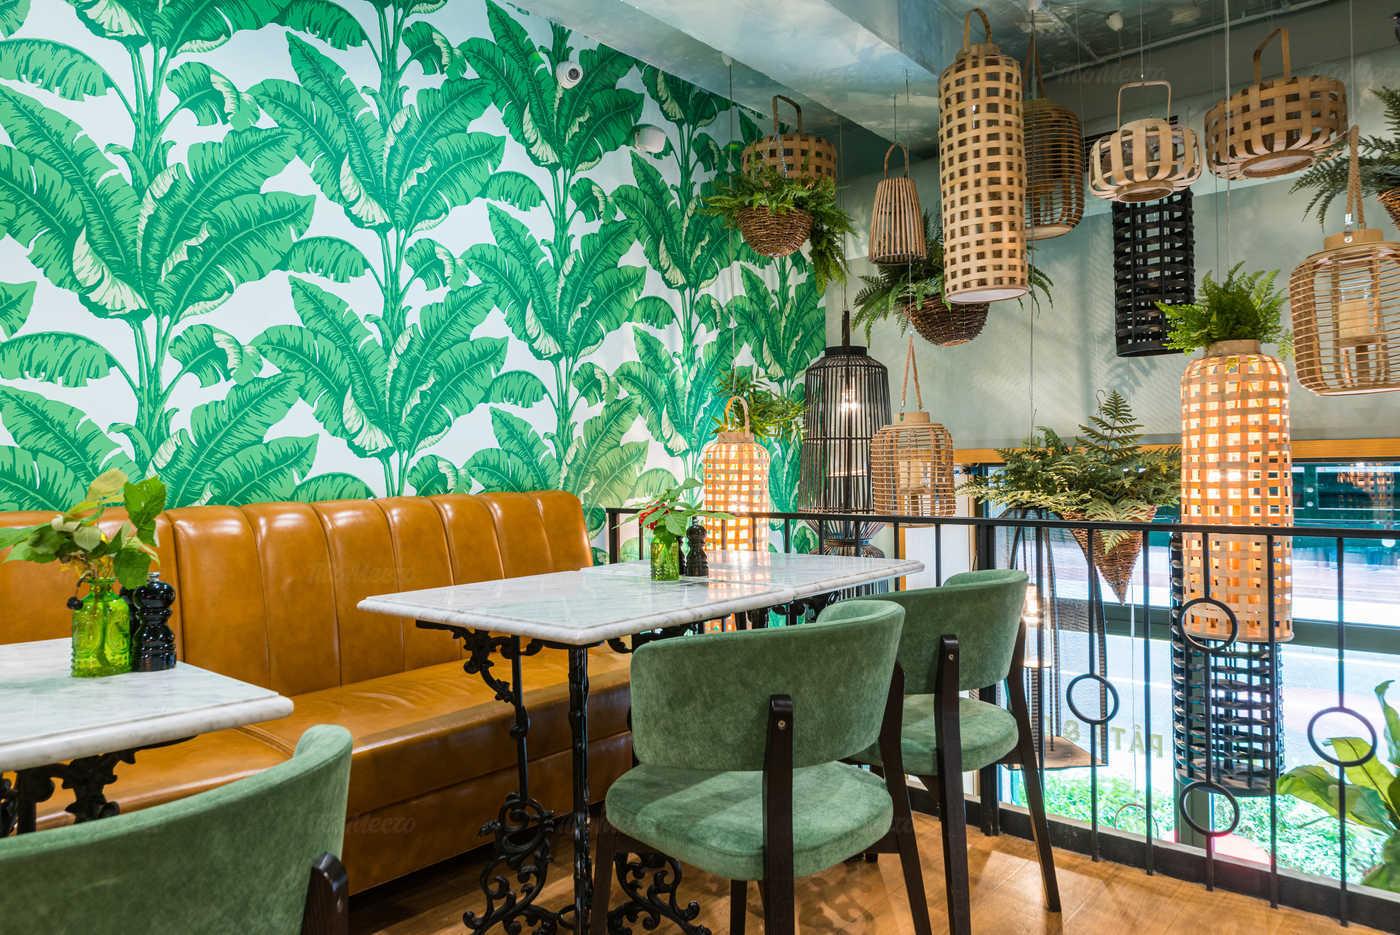 Ресторан Pate & Co на улице Балчуг фото 14